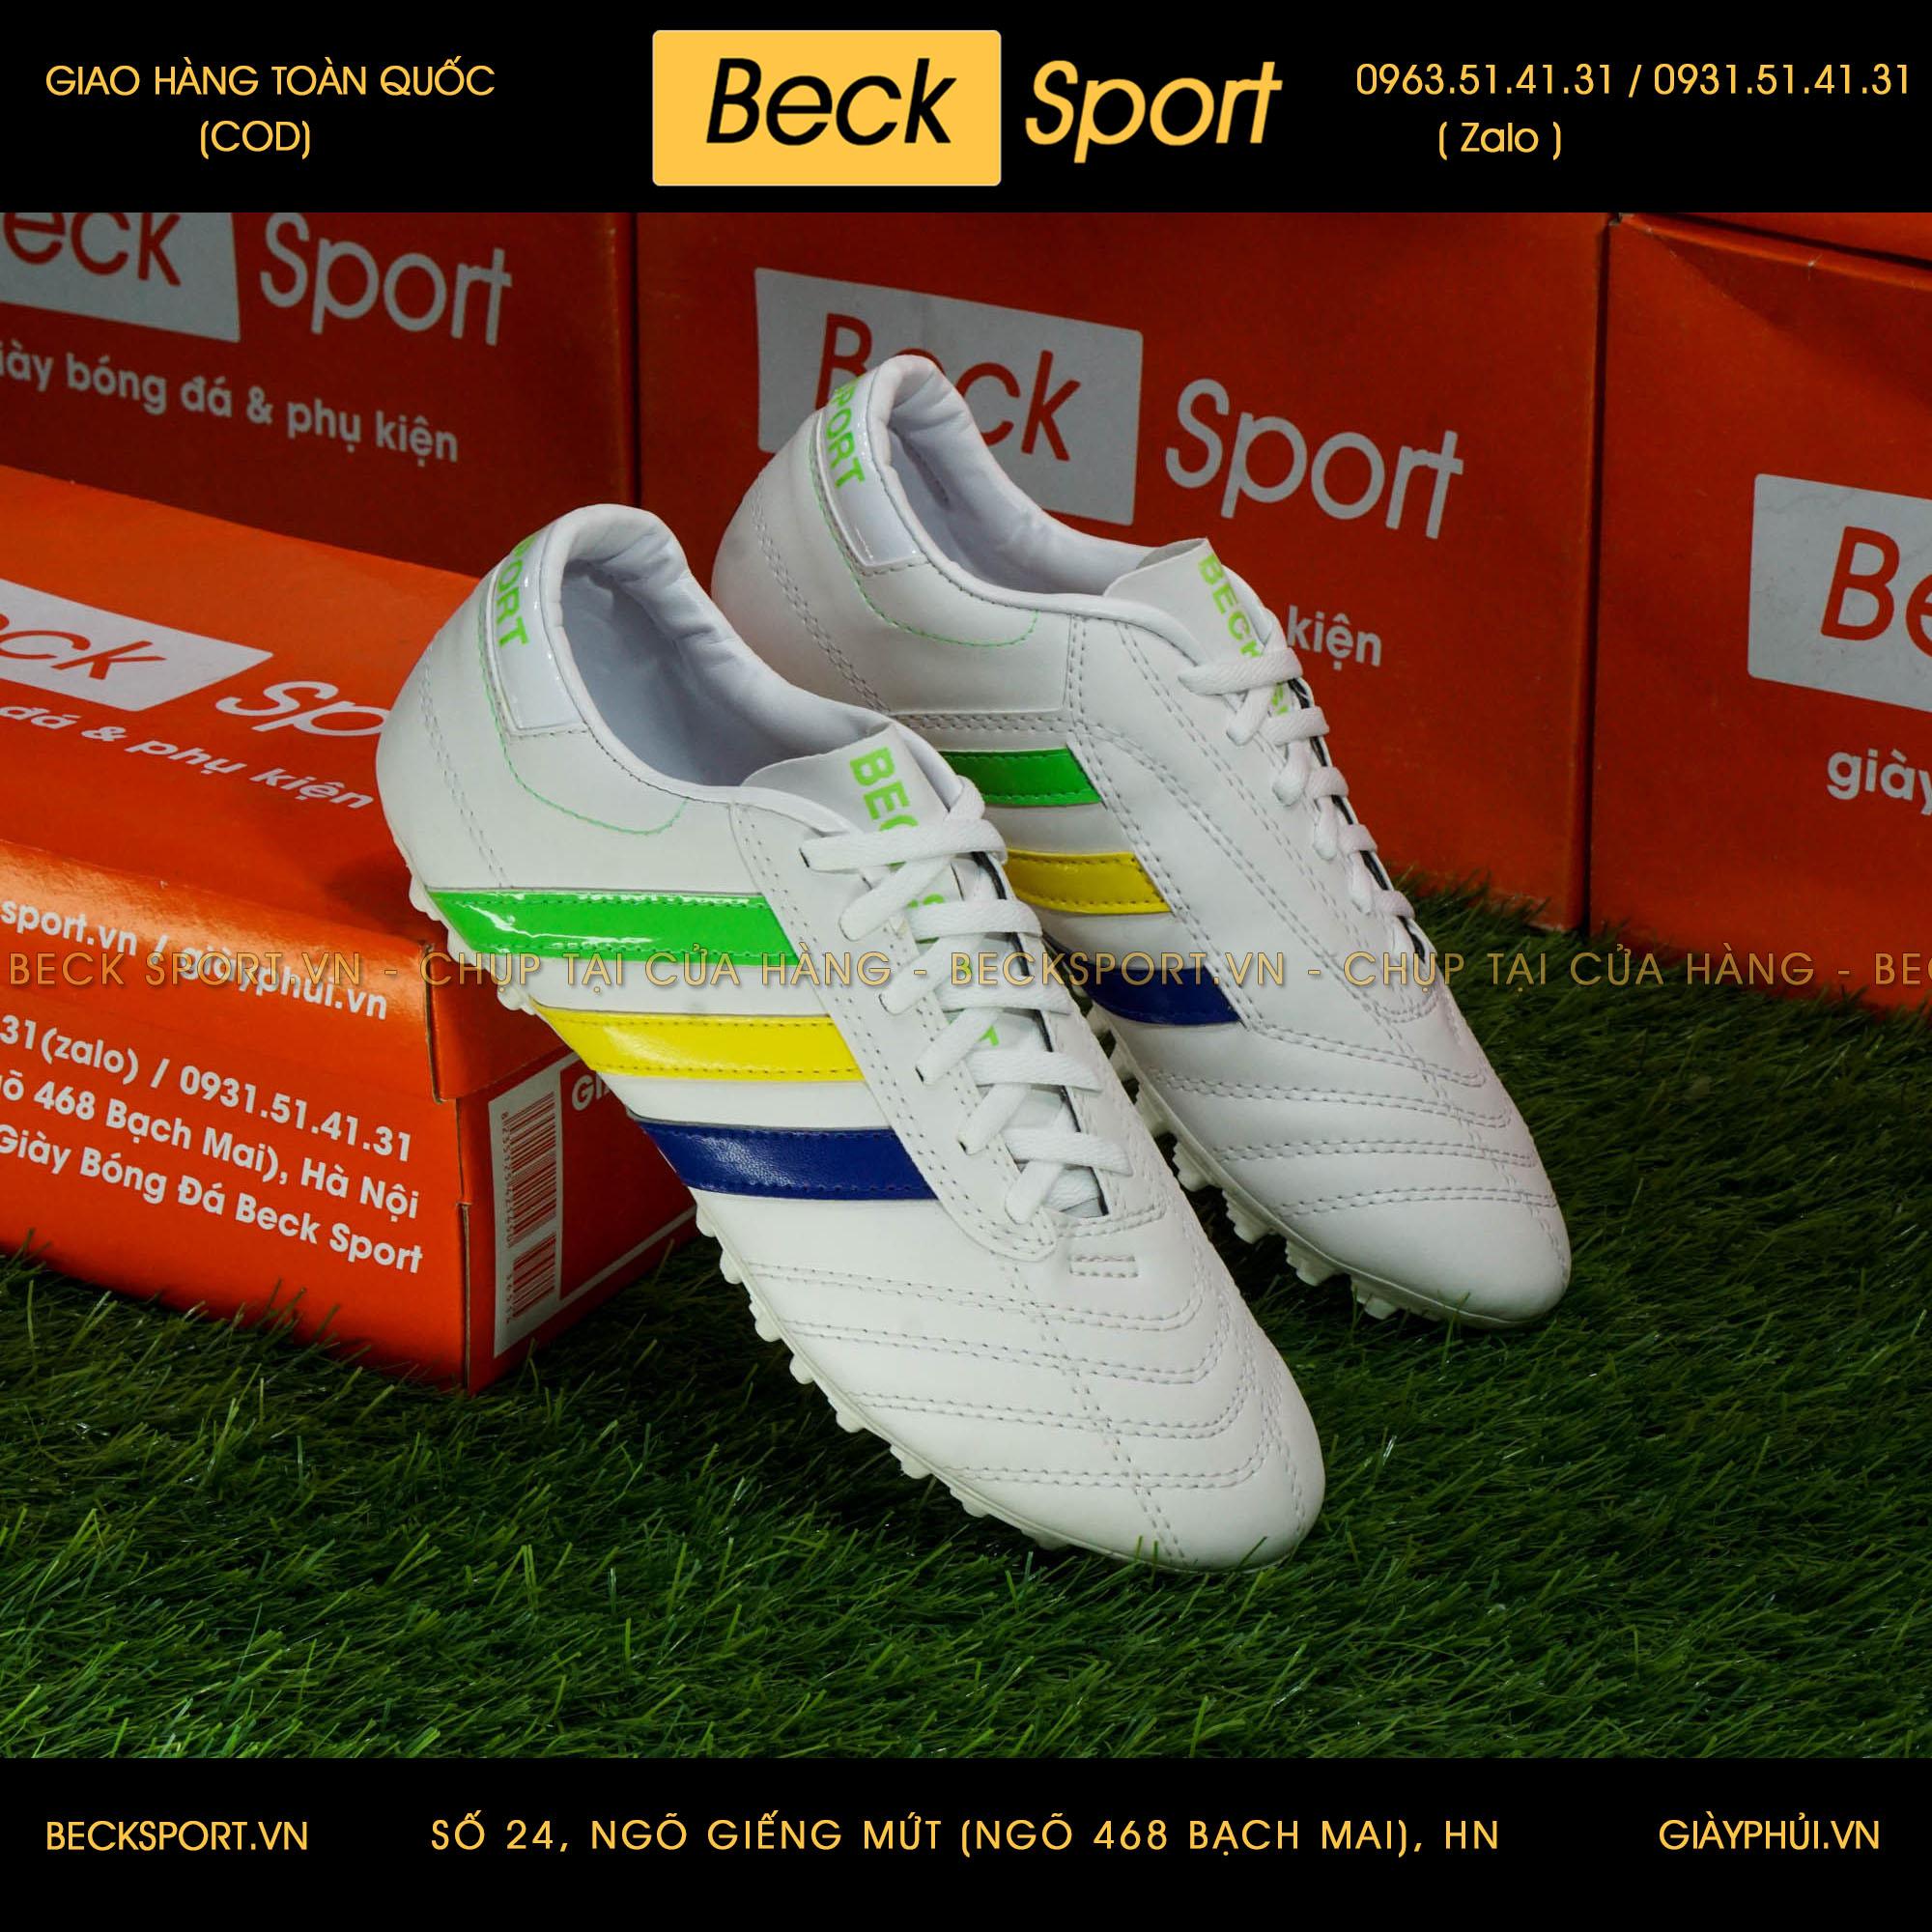 Giày Phủi 3 Sọc Loại 1 - Beck Quốc Kì Brazil